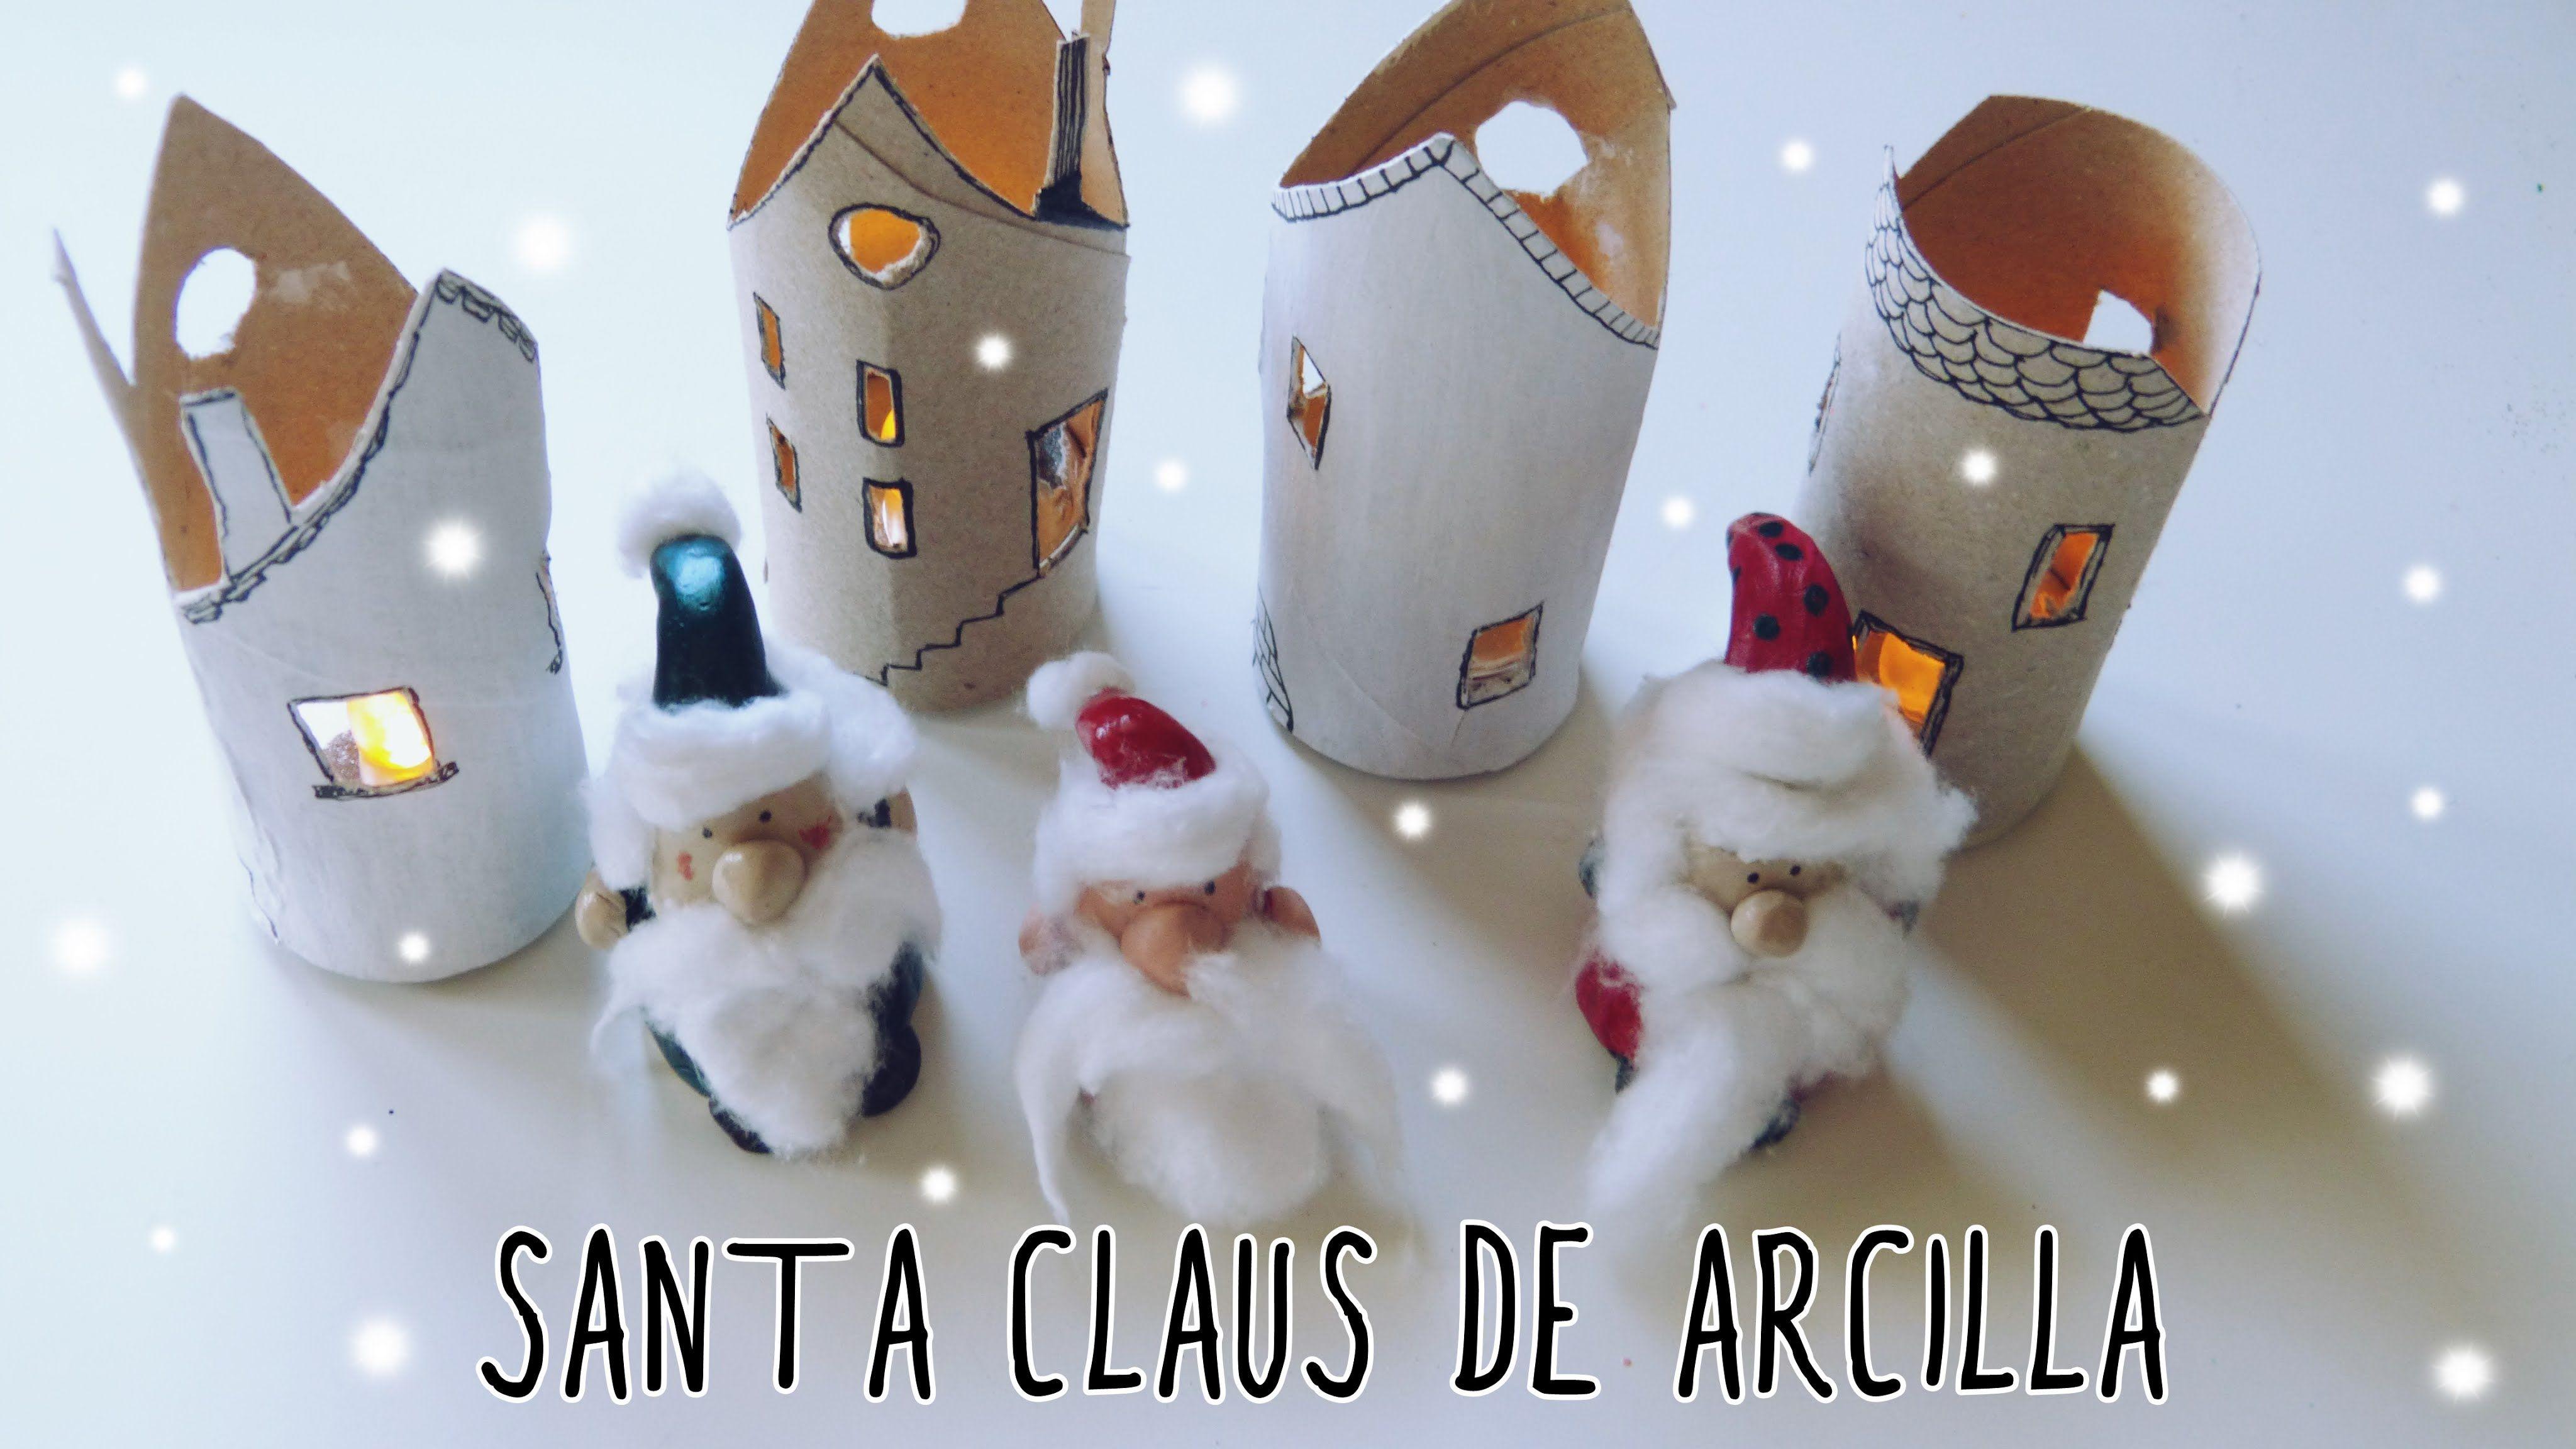 Adornos de navidad diy santa claus o pap noel - Adornos de navidad hechos a mano por ninos ...